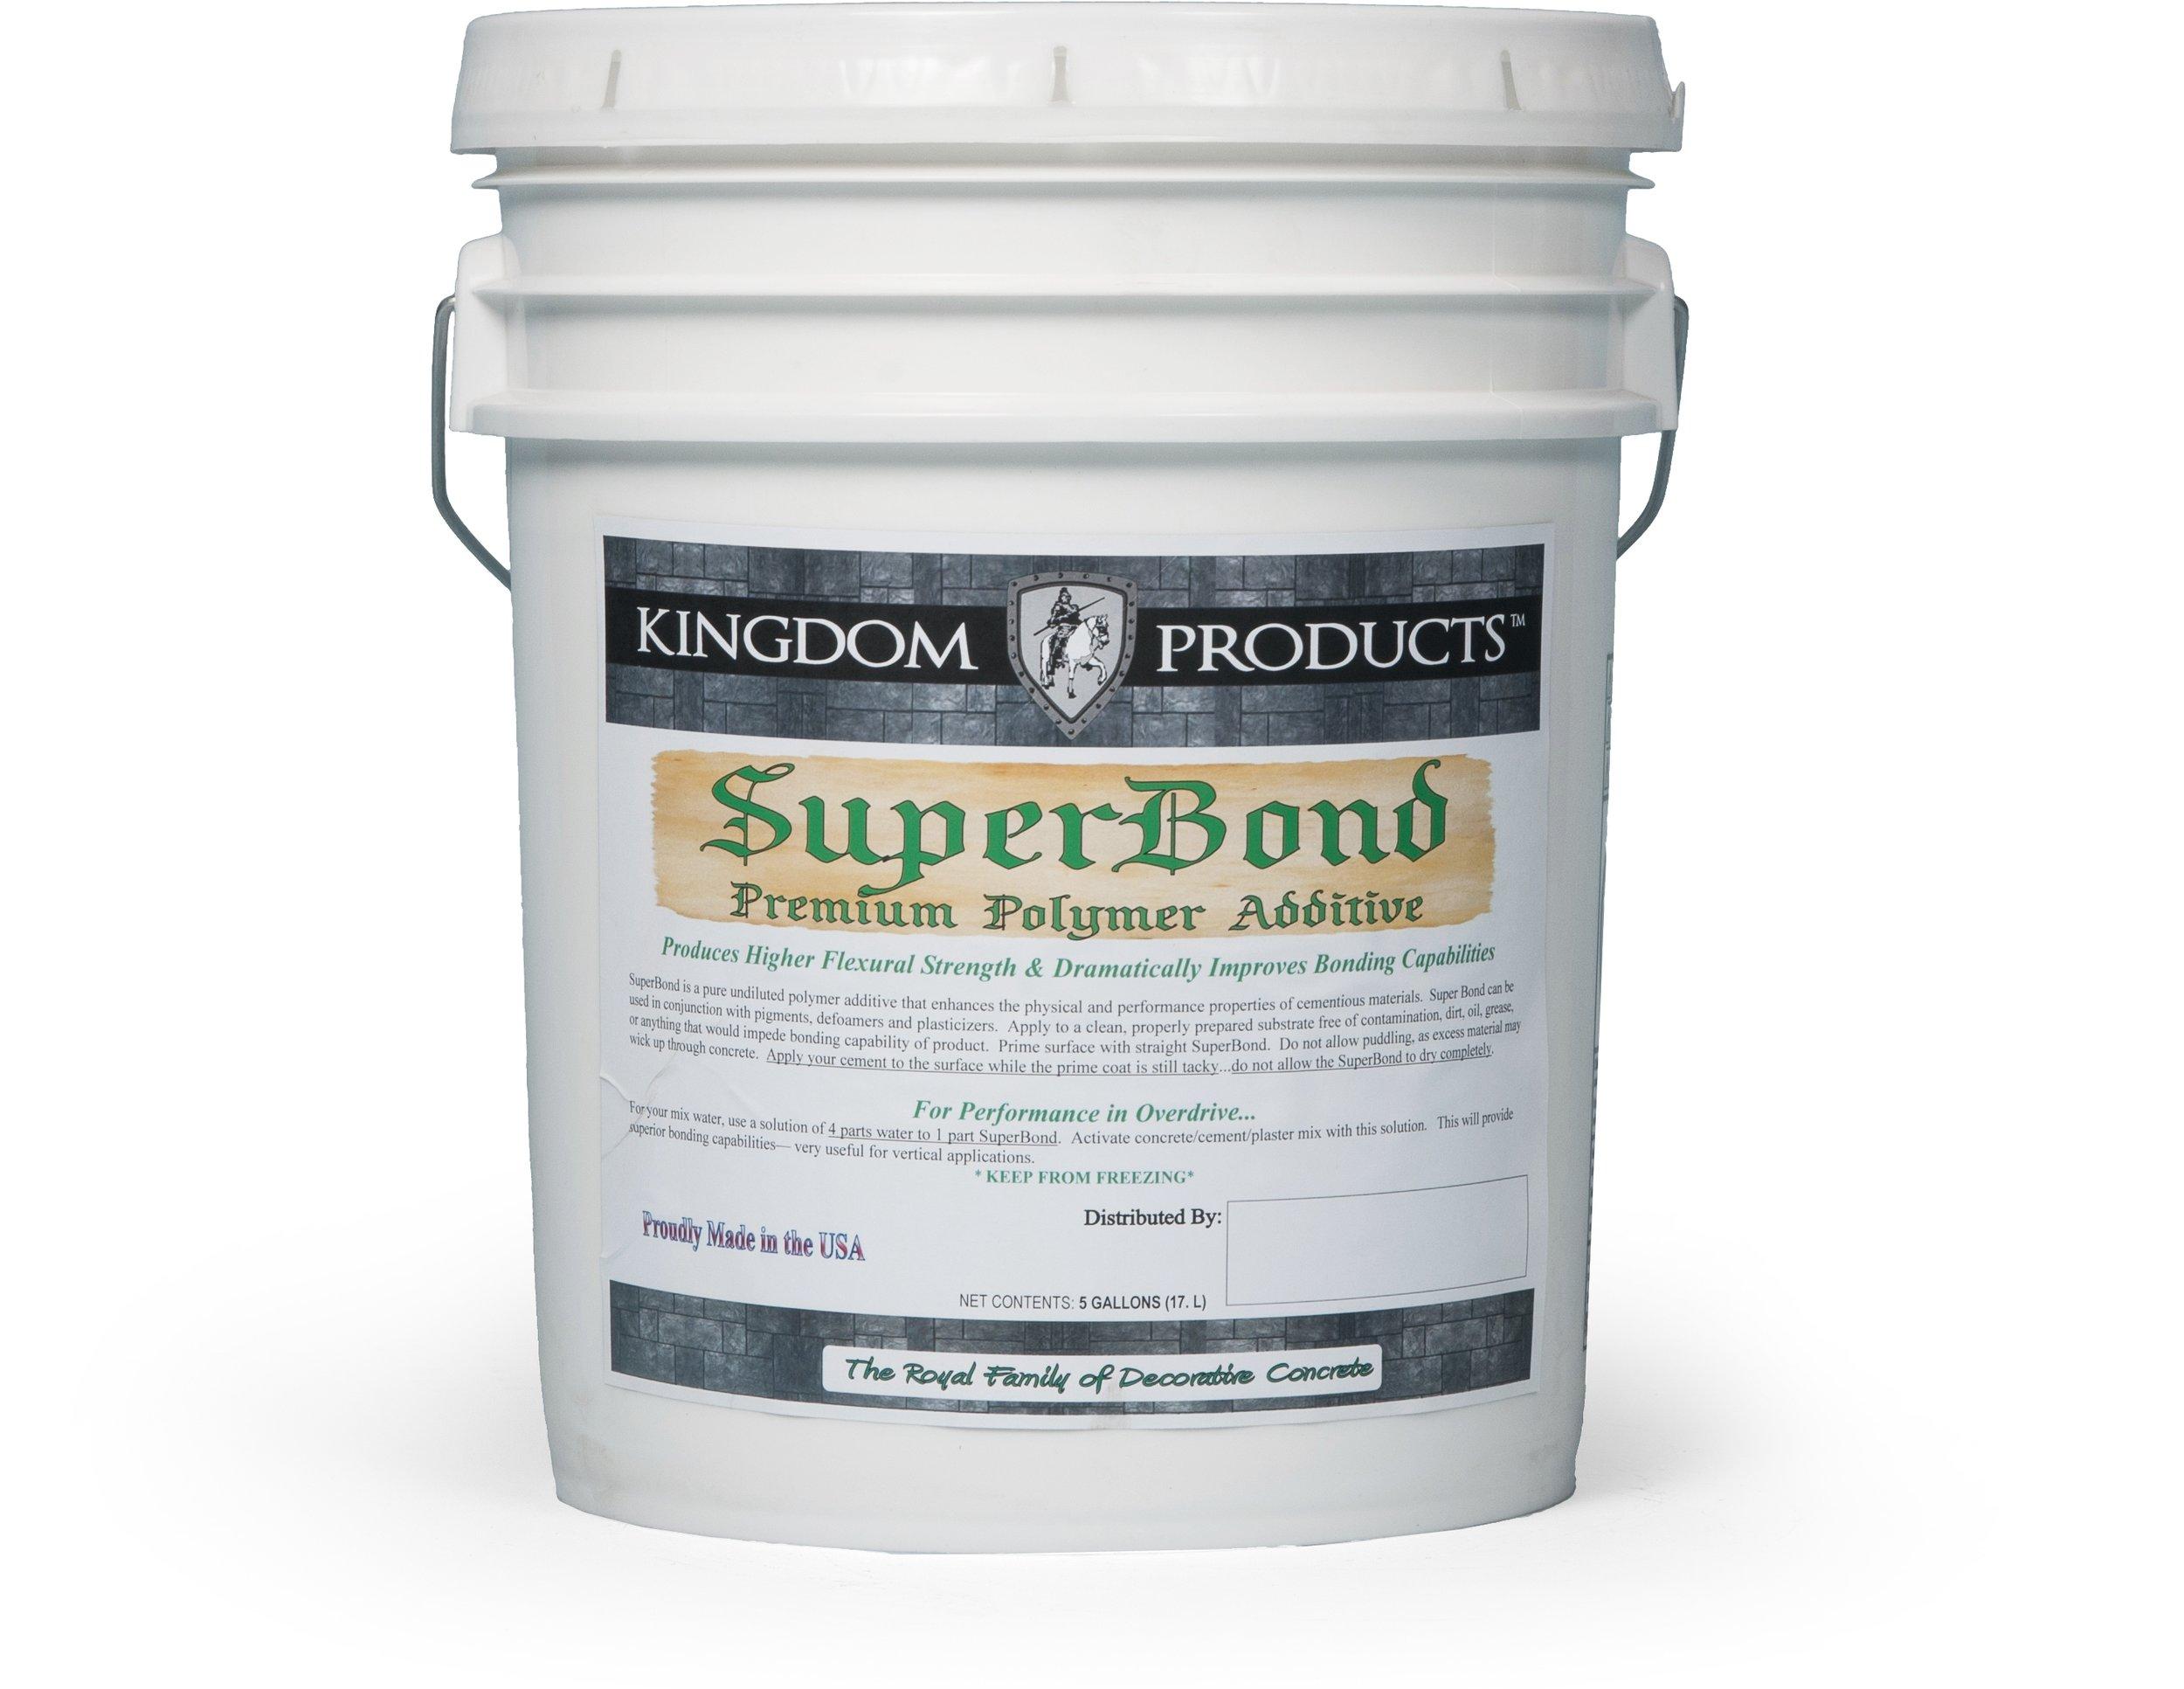 Superbond5gal.jpg